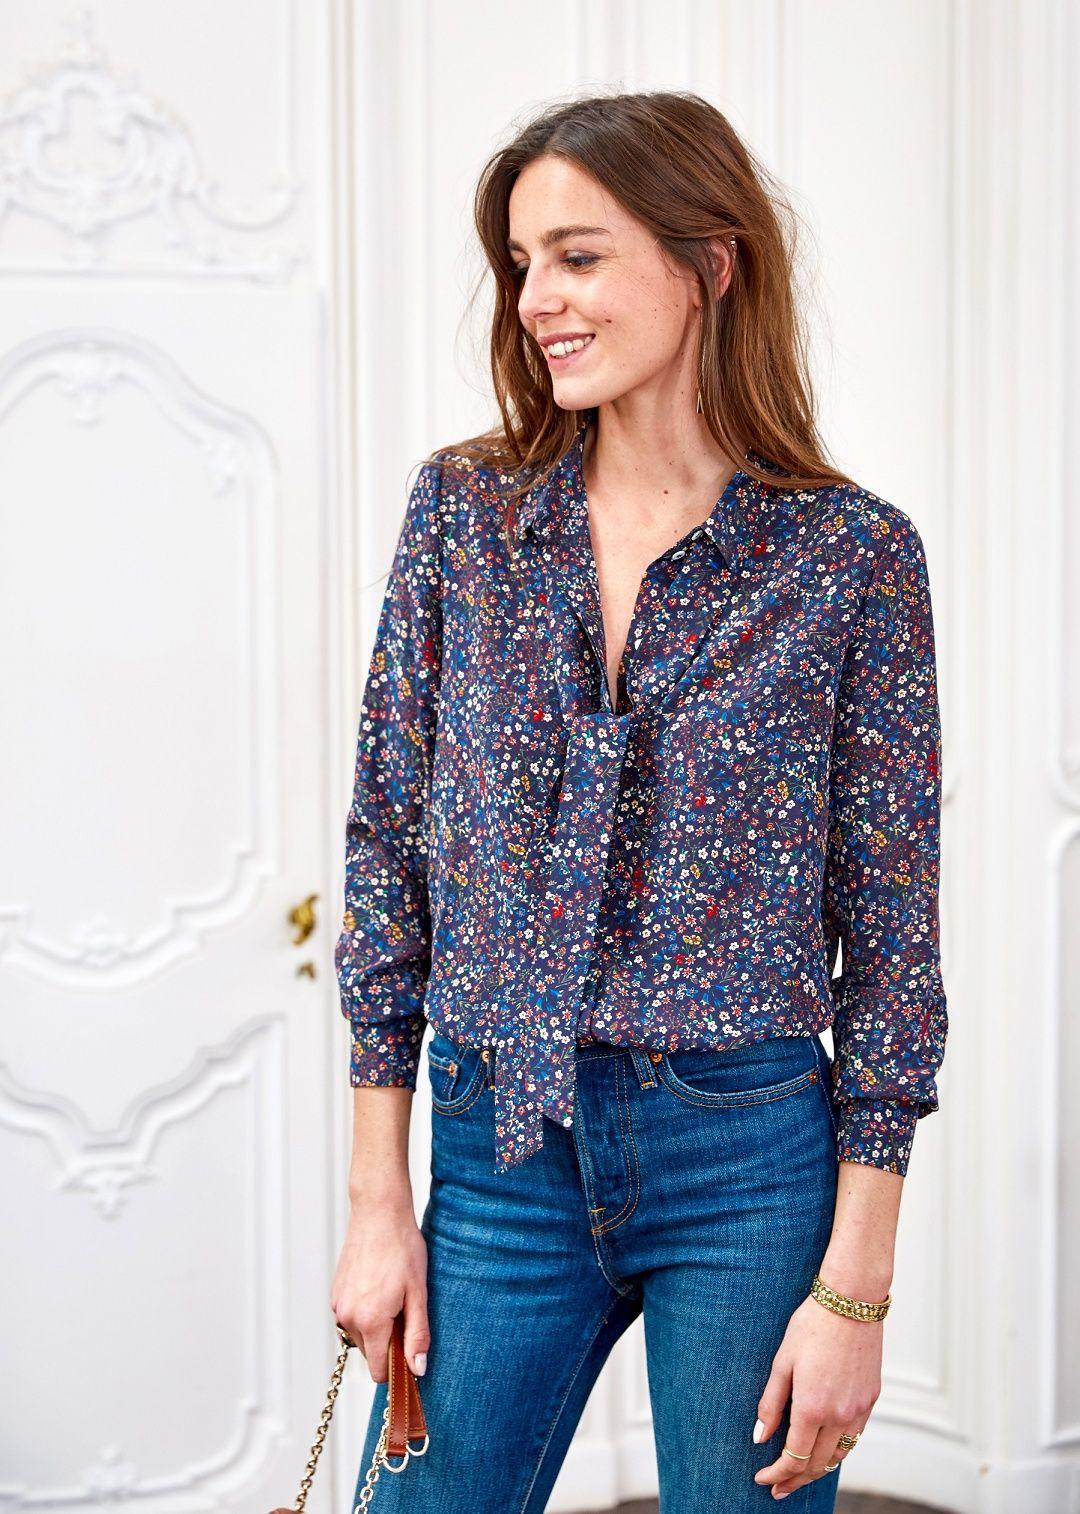 Sézane marta blouse sézane x alix thomsen spring style